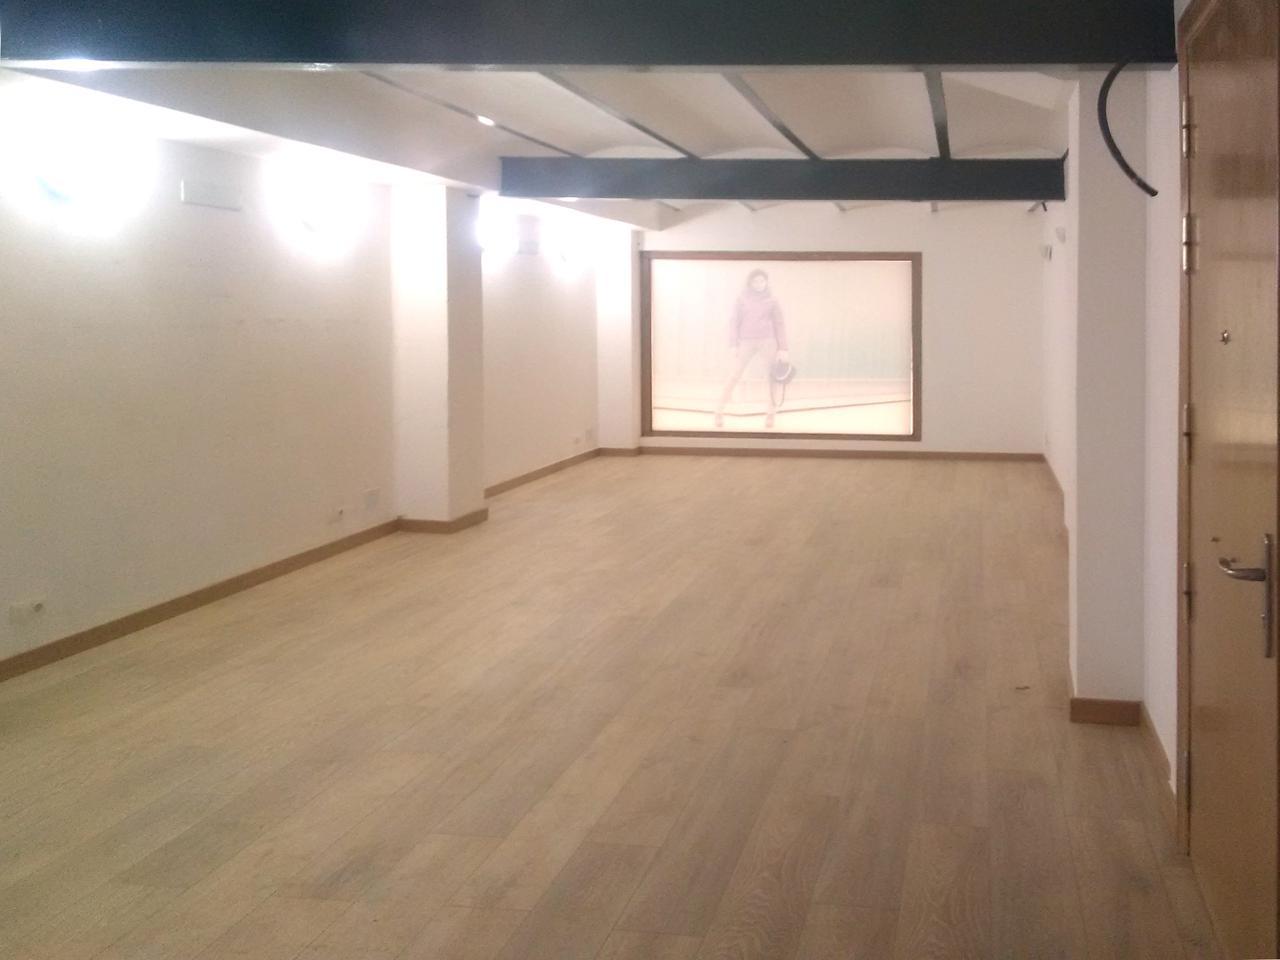 Oficina en alquiler en Logroño de 90 m2. Ref: AO0119